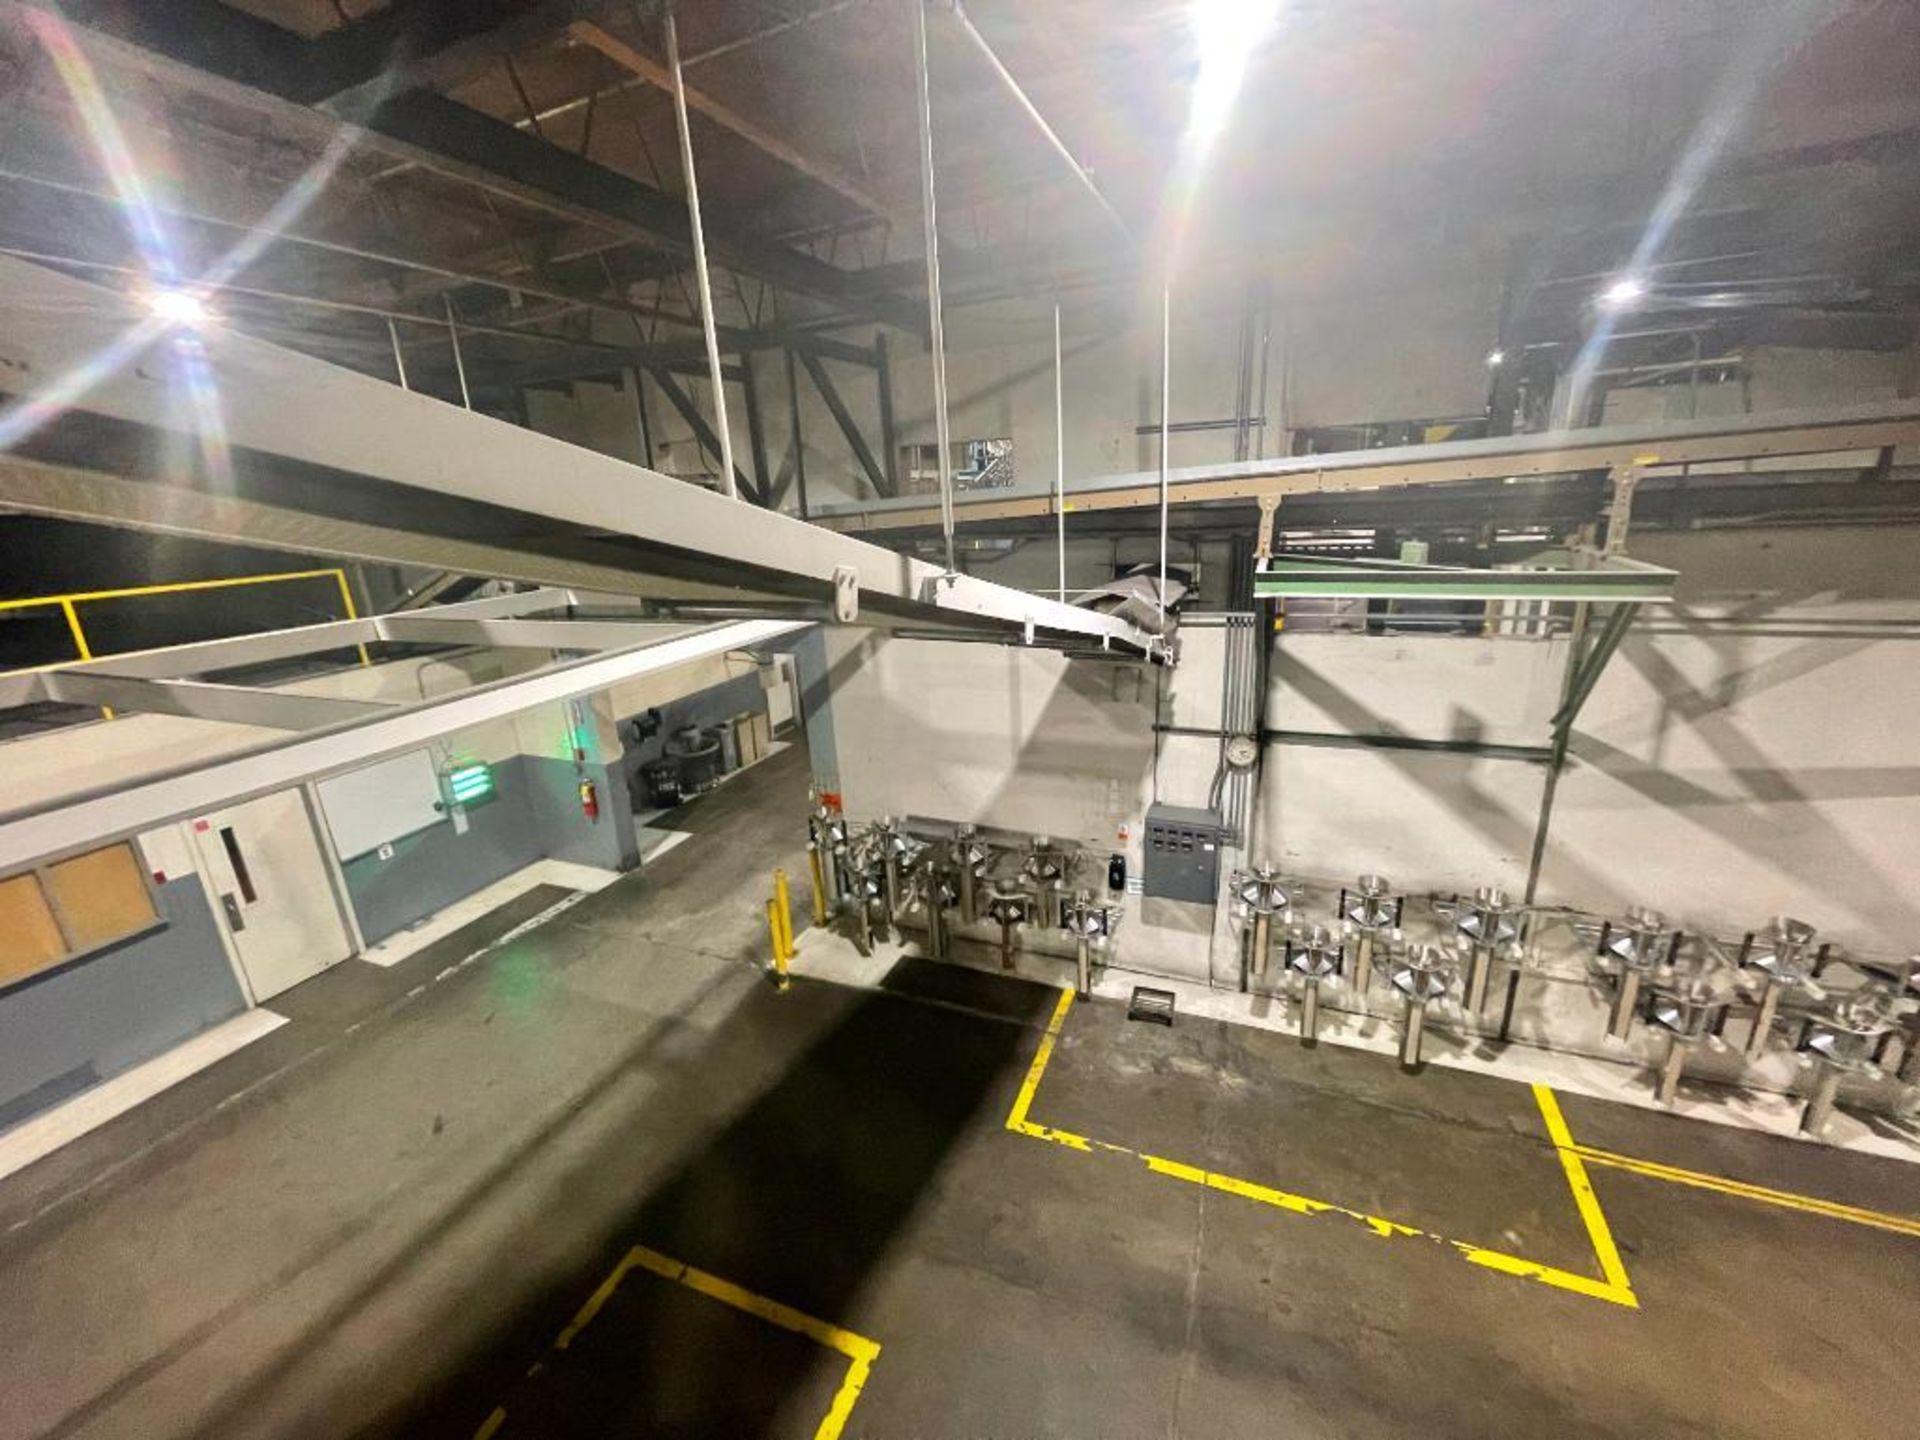 mild steel overhead belt conveyor - Image 8 of 8